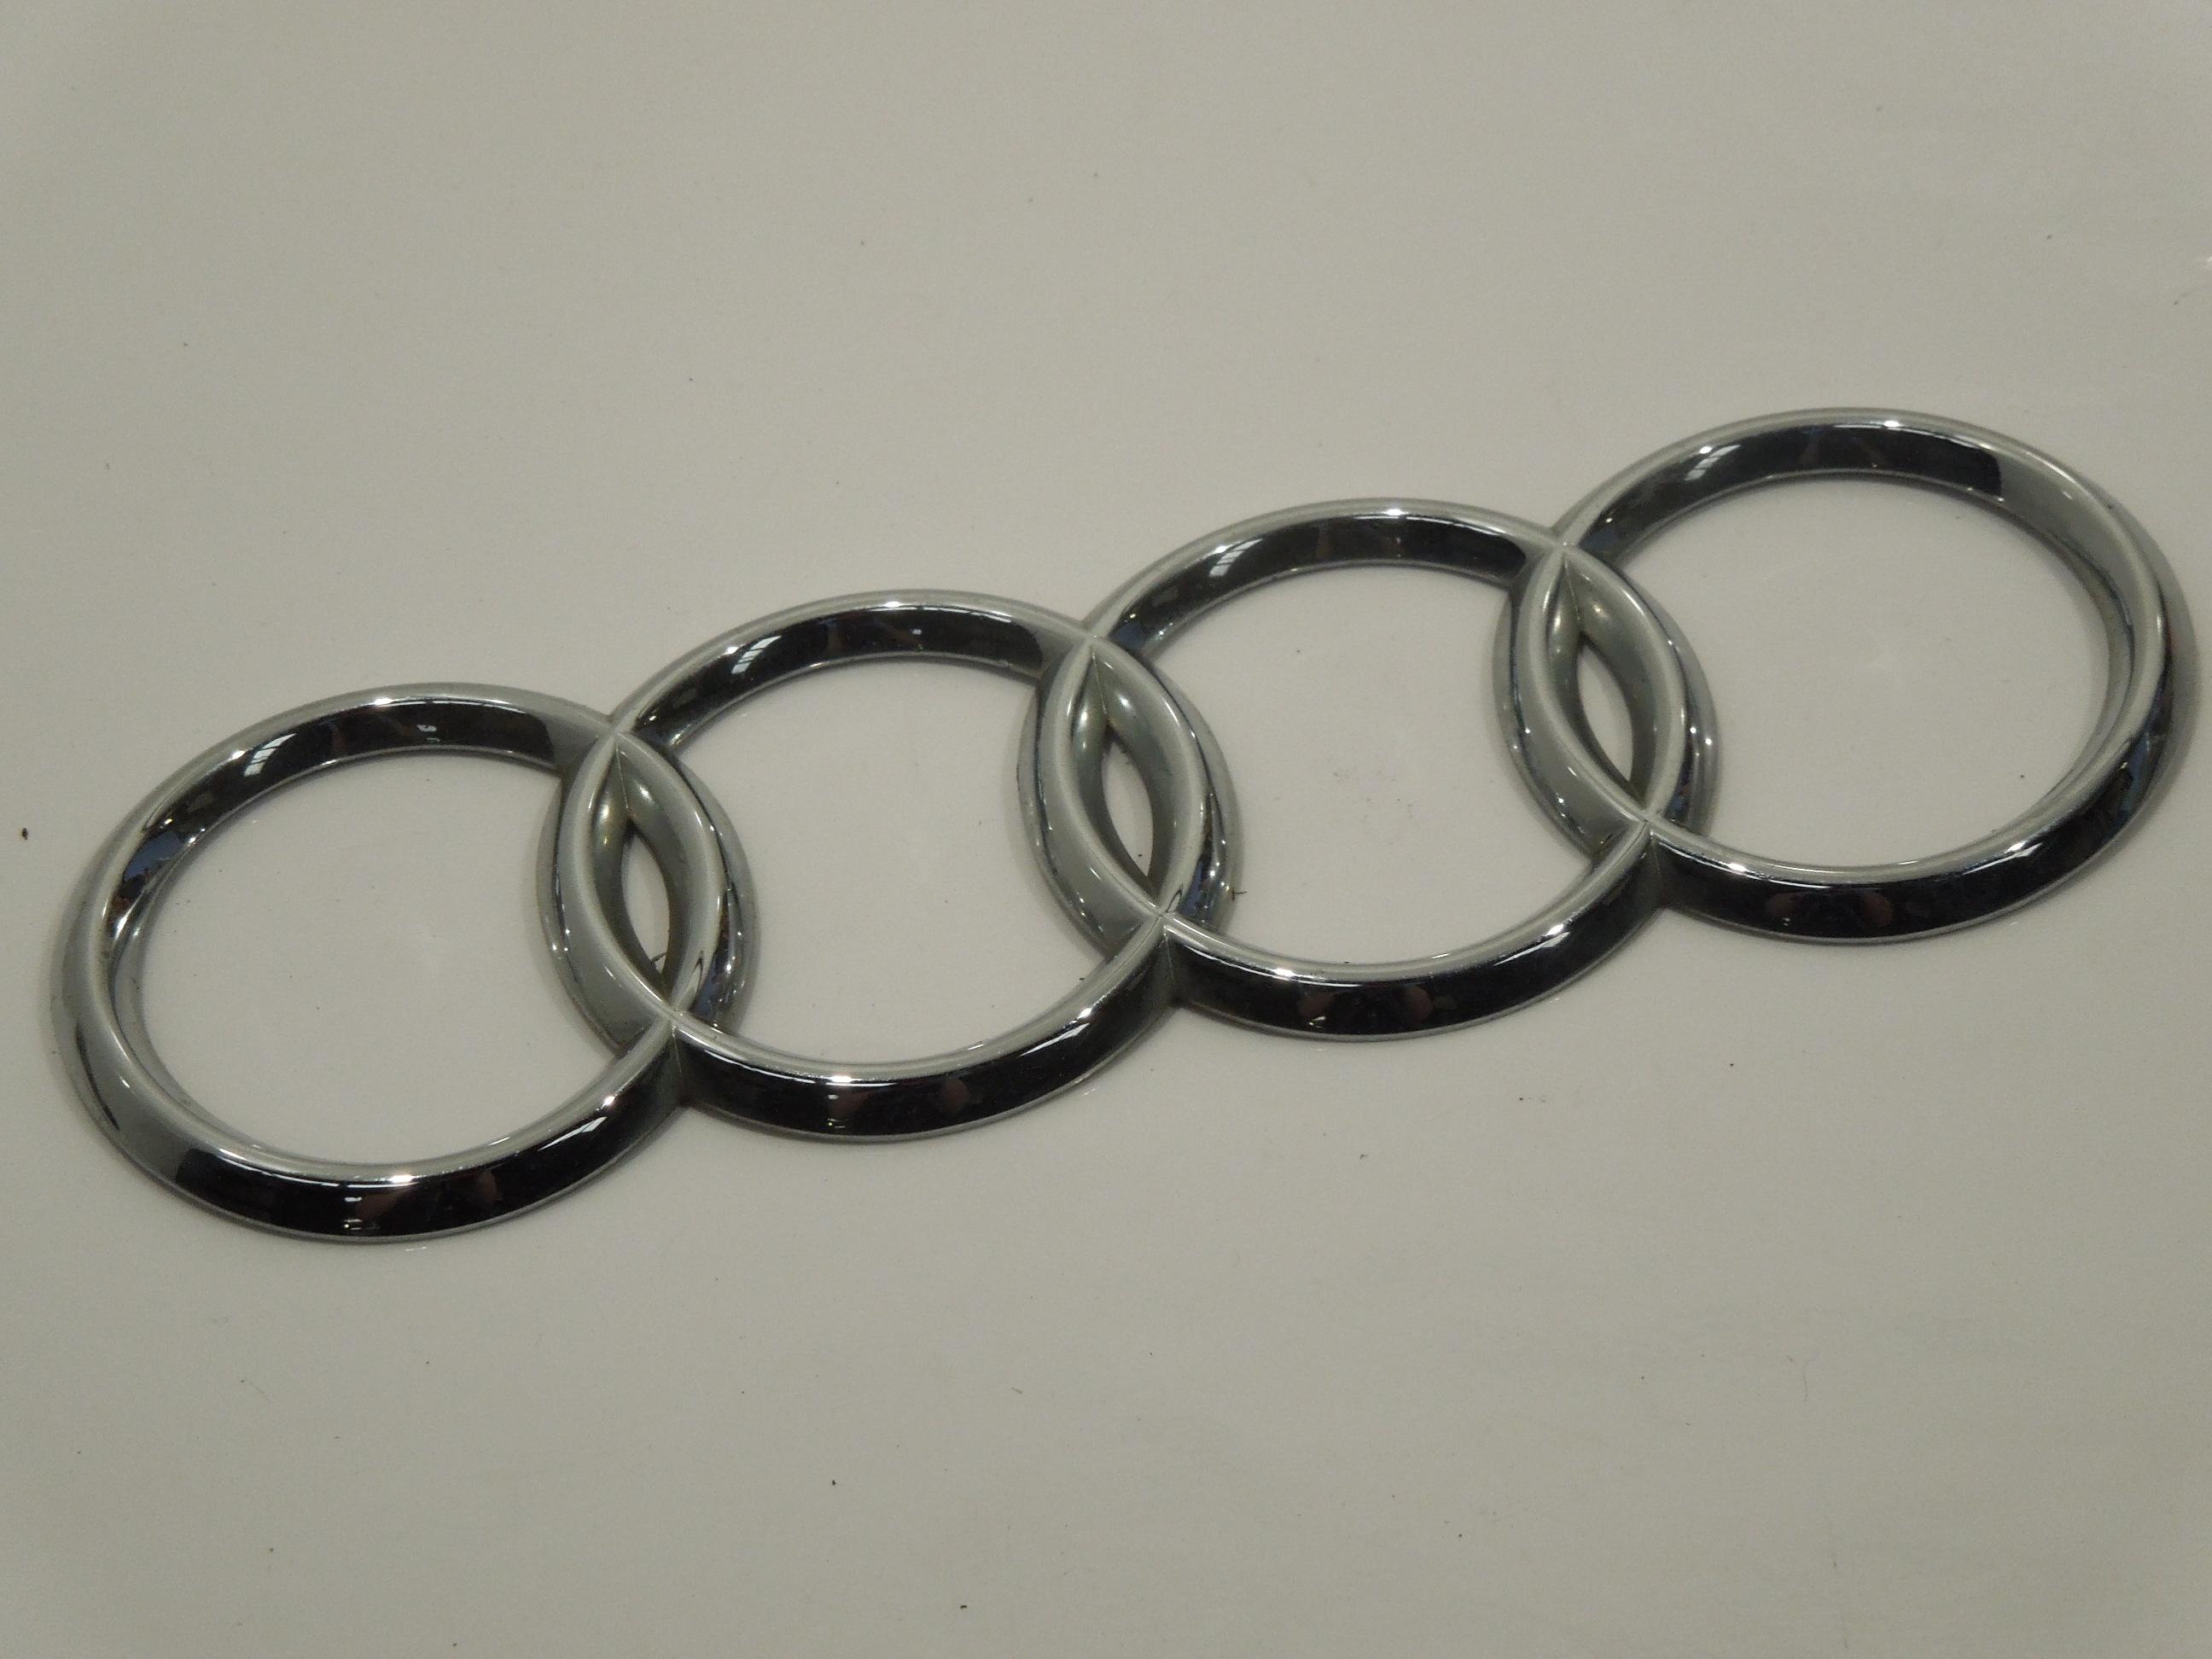 Audi-TT-8N-Four-Ring-Logo-Boot-Badge